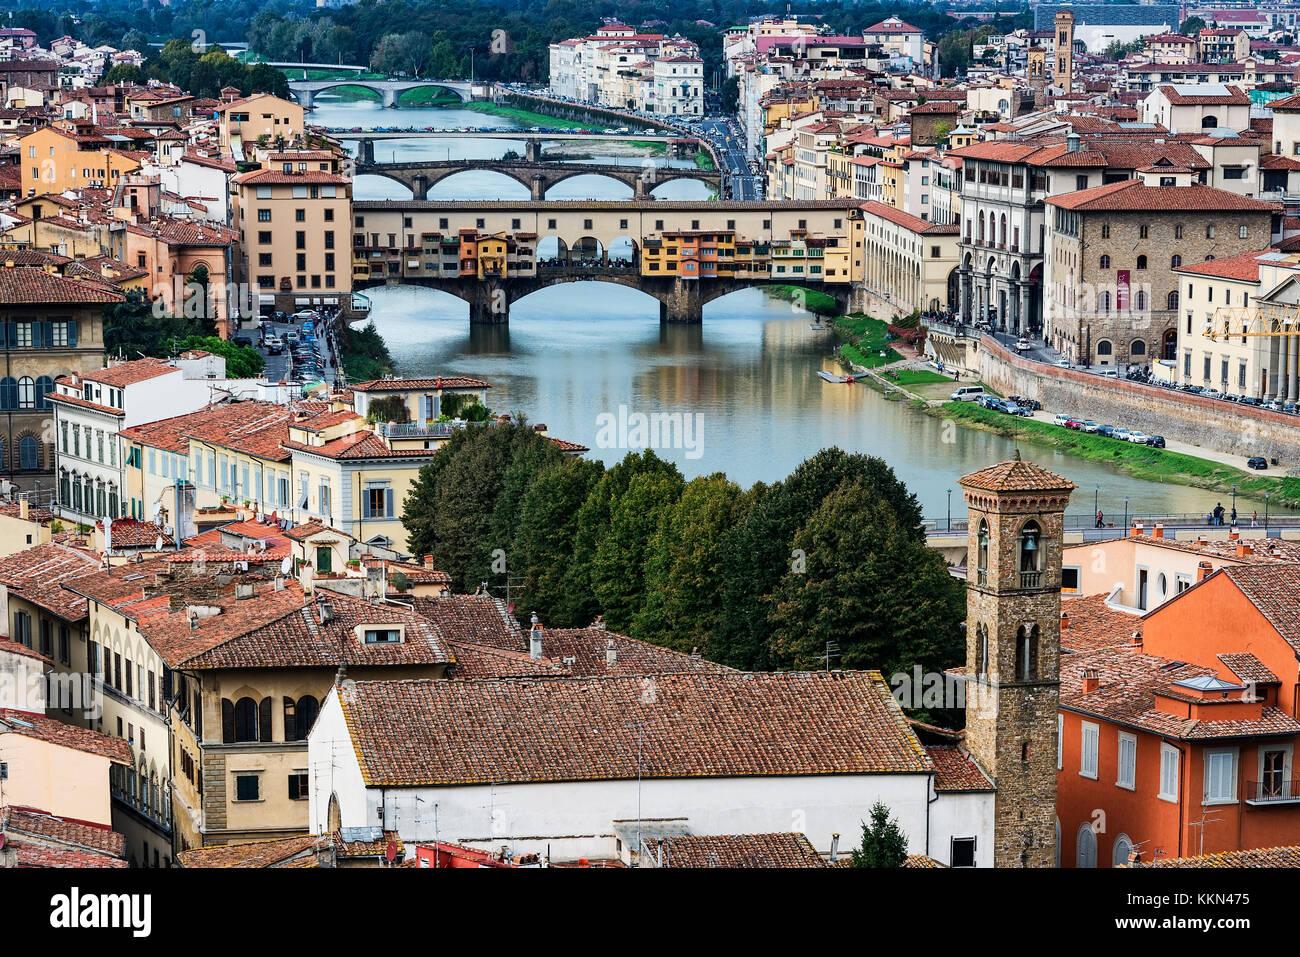 Vue sur la ville et de l'Arno, Florence, Italie. Photo Stock